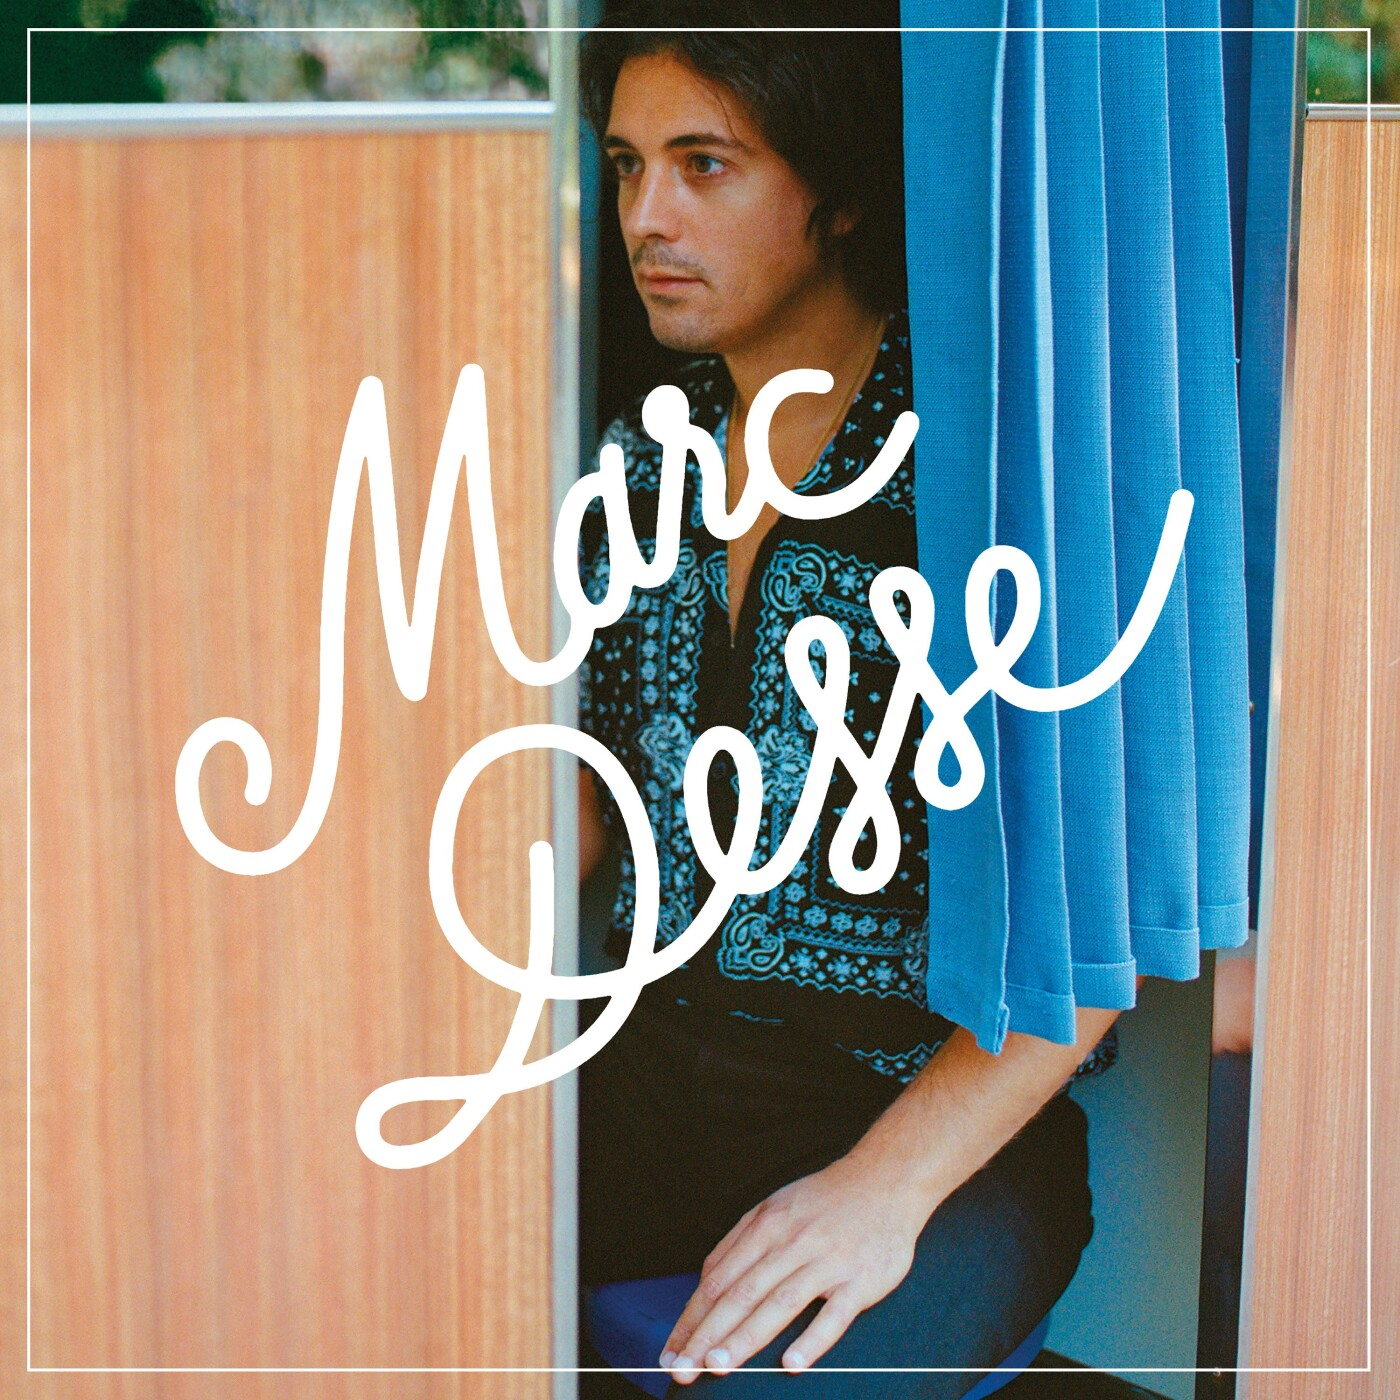 Artiste du jour, Marc Desse présente son titre Si tu veux - 20 05 21 - StereoChic Radio